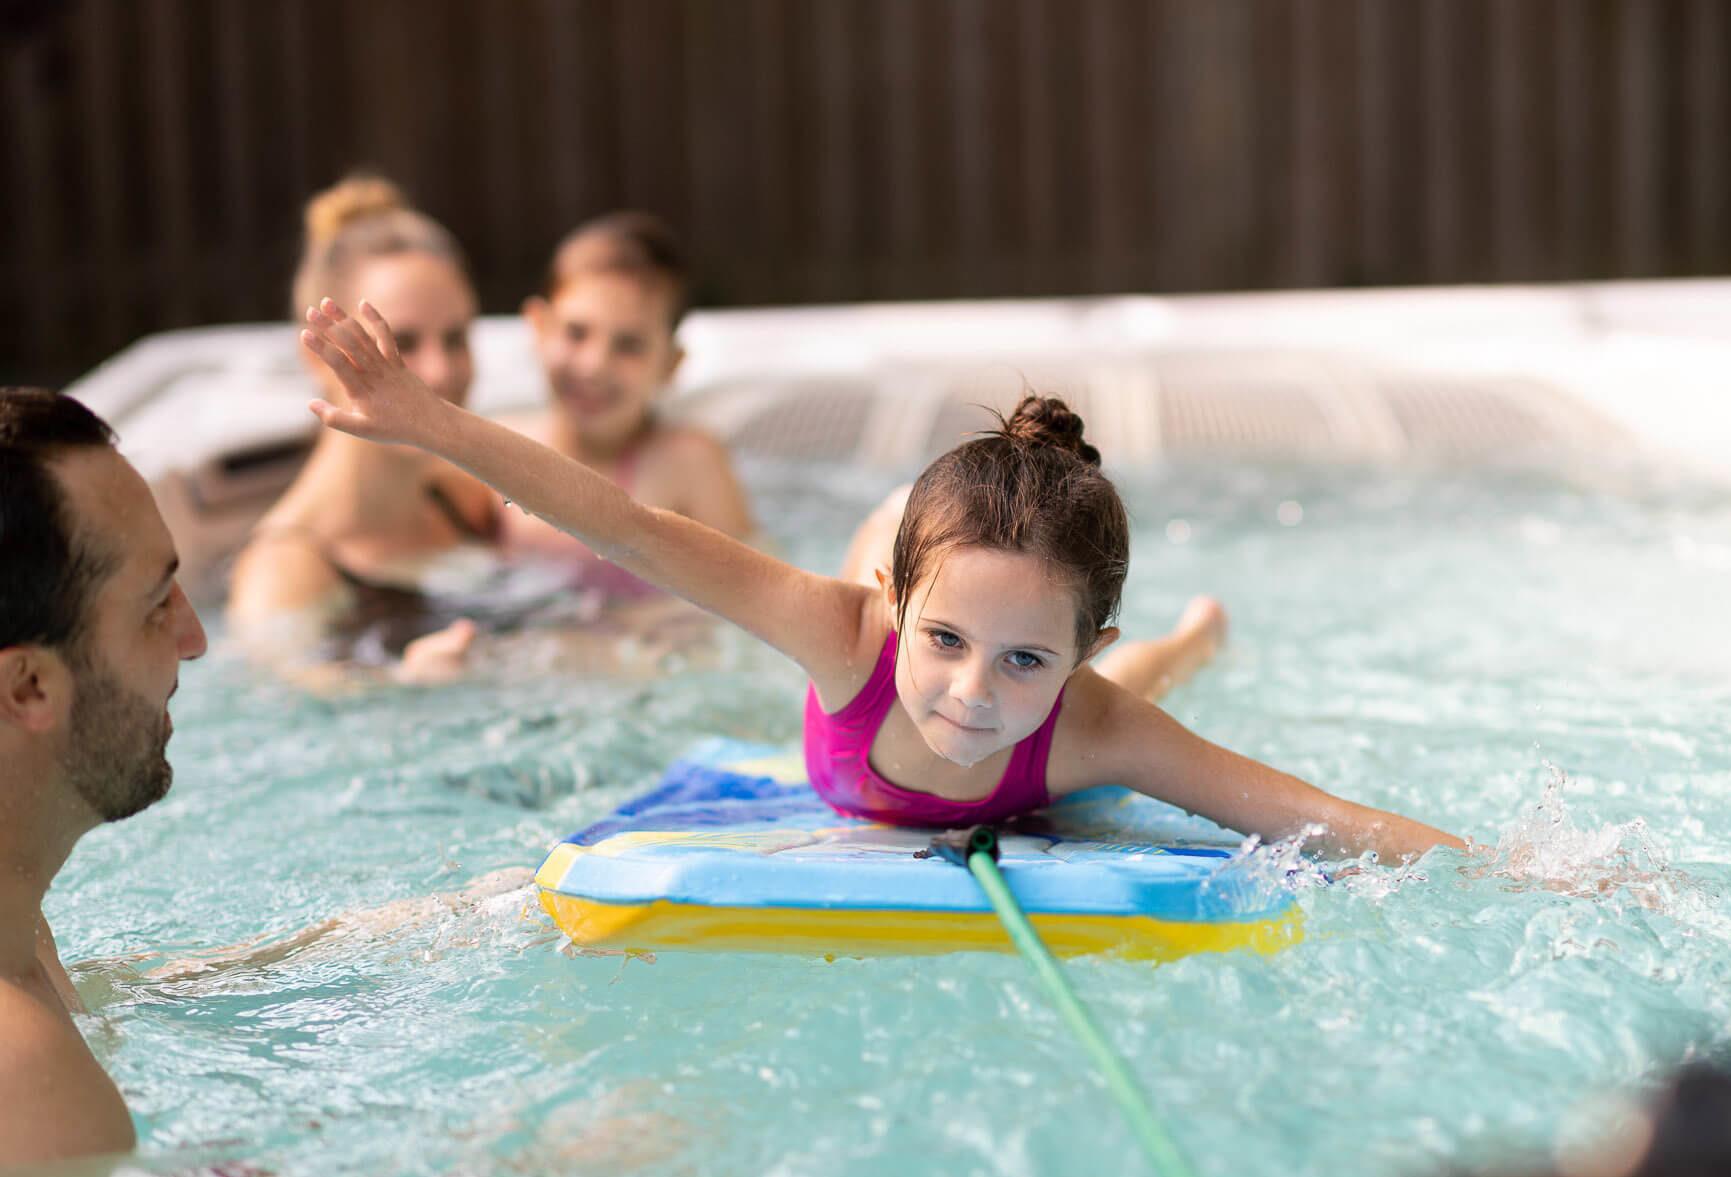 Dziewczyna na desce w basenie